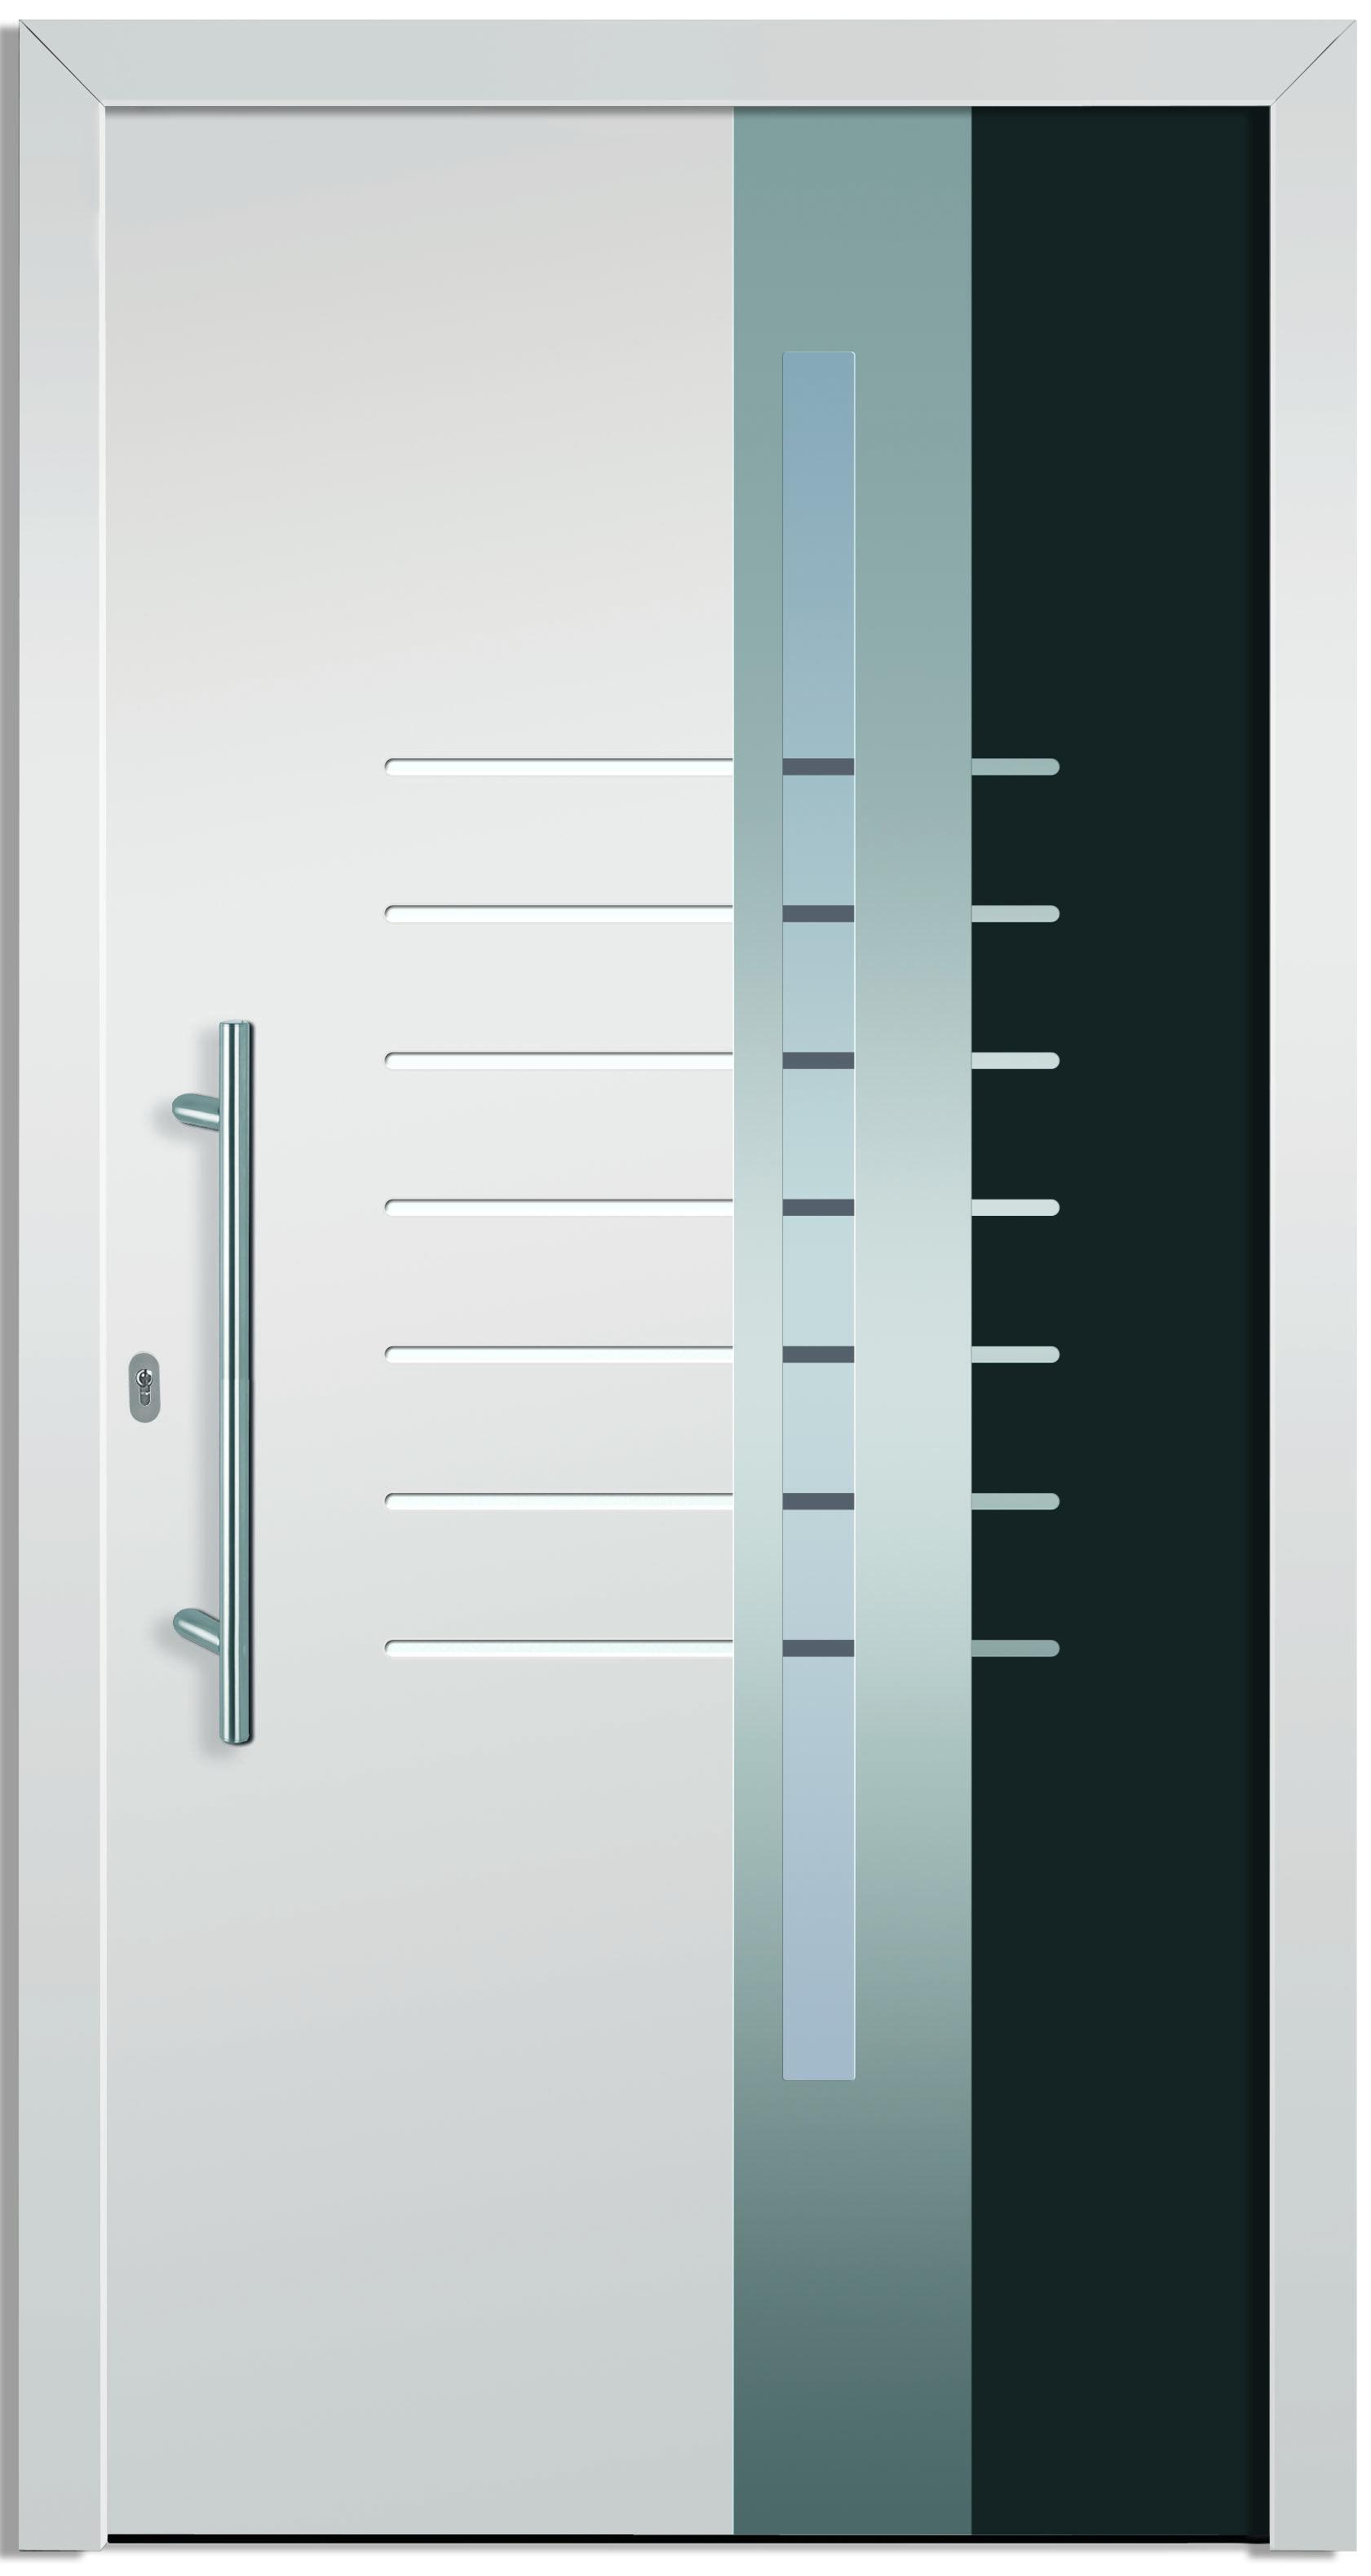 Fenster außenansicht  Modell Alkes 2 Aluminium-Eingangstüre in grau/weiß - Aussenansicht ...